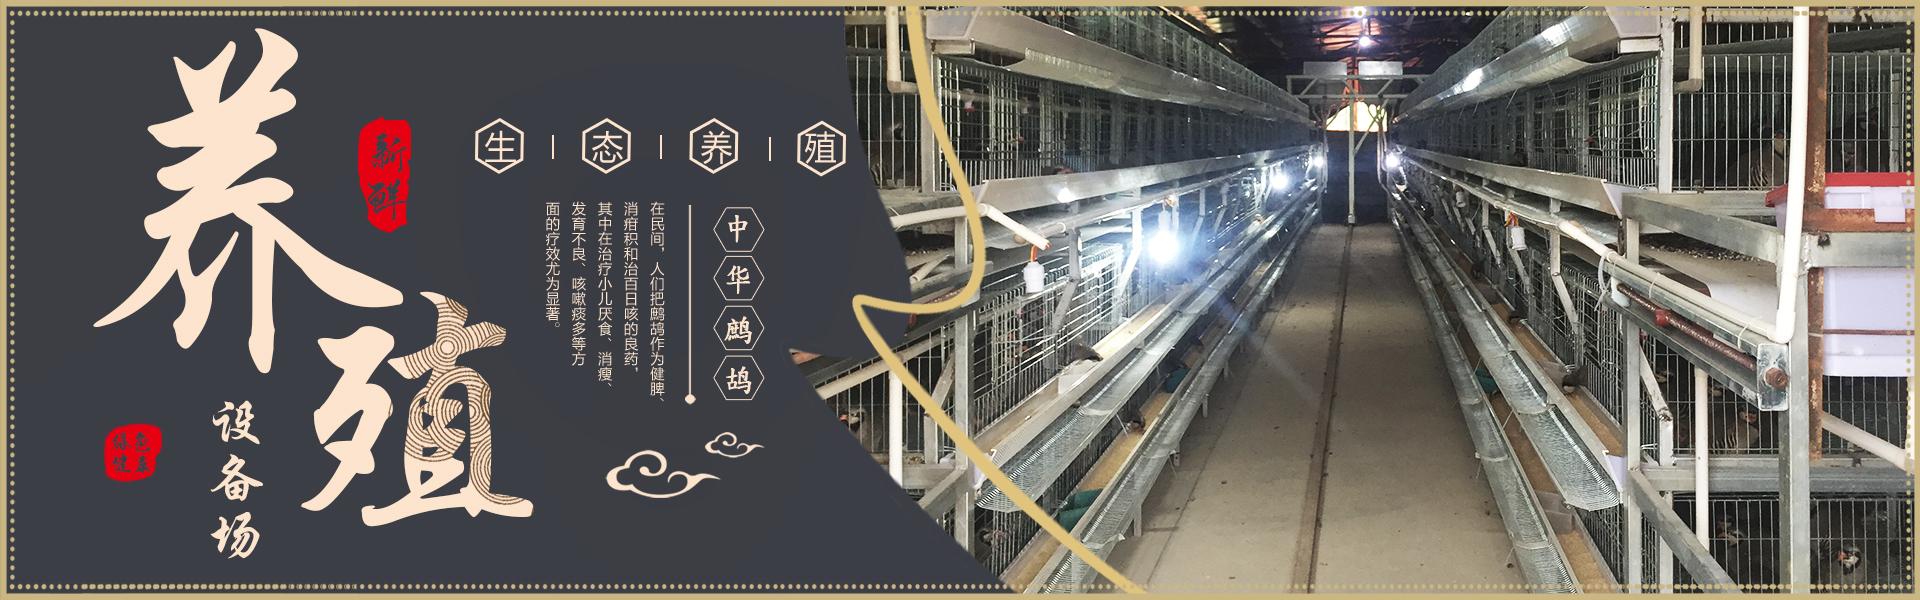 四會市李斌鷓鴣種苗養殖基地位于廣東省四會市市下布村,重點發展技術含量較高,市場前景廣闊的鷓鴣養殖,孵化種苗生產項目。